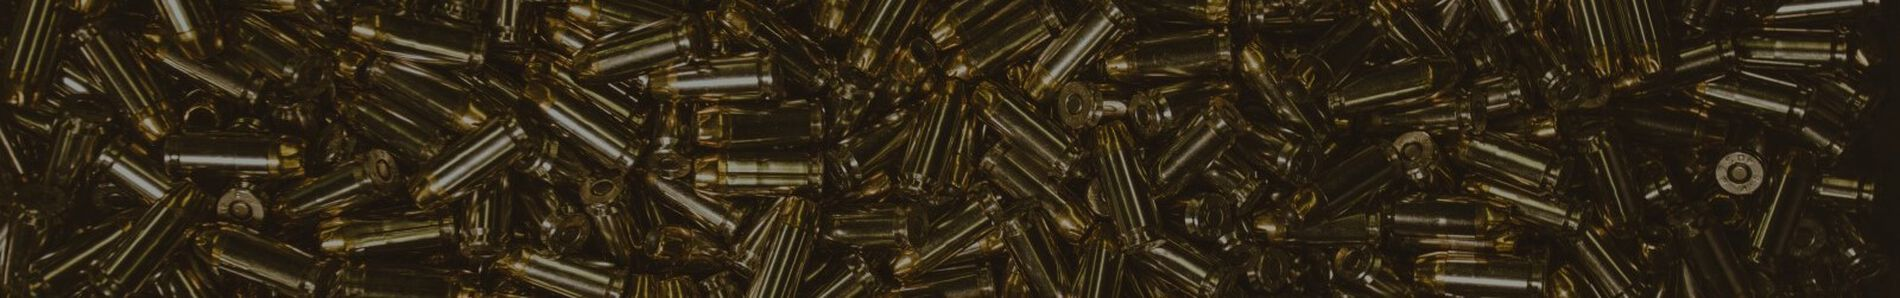 Ammunition Casings